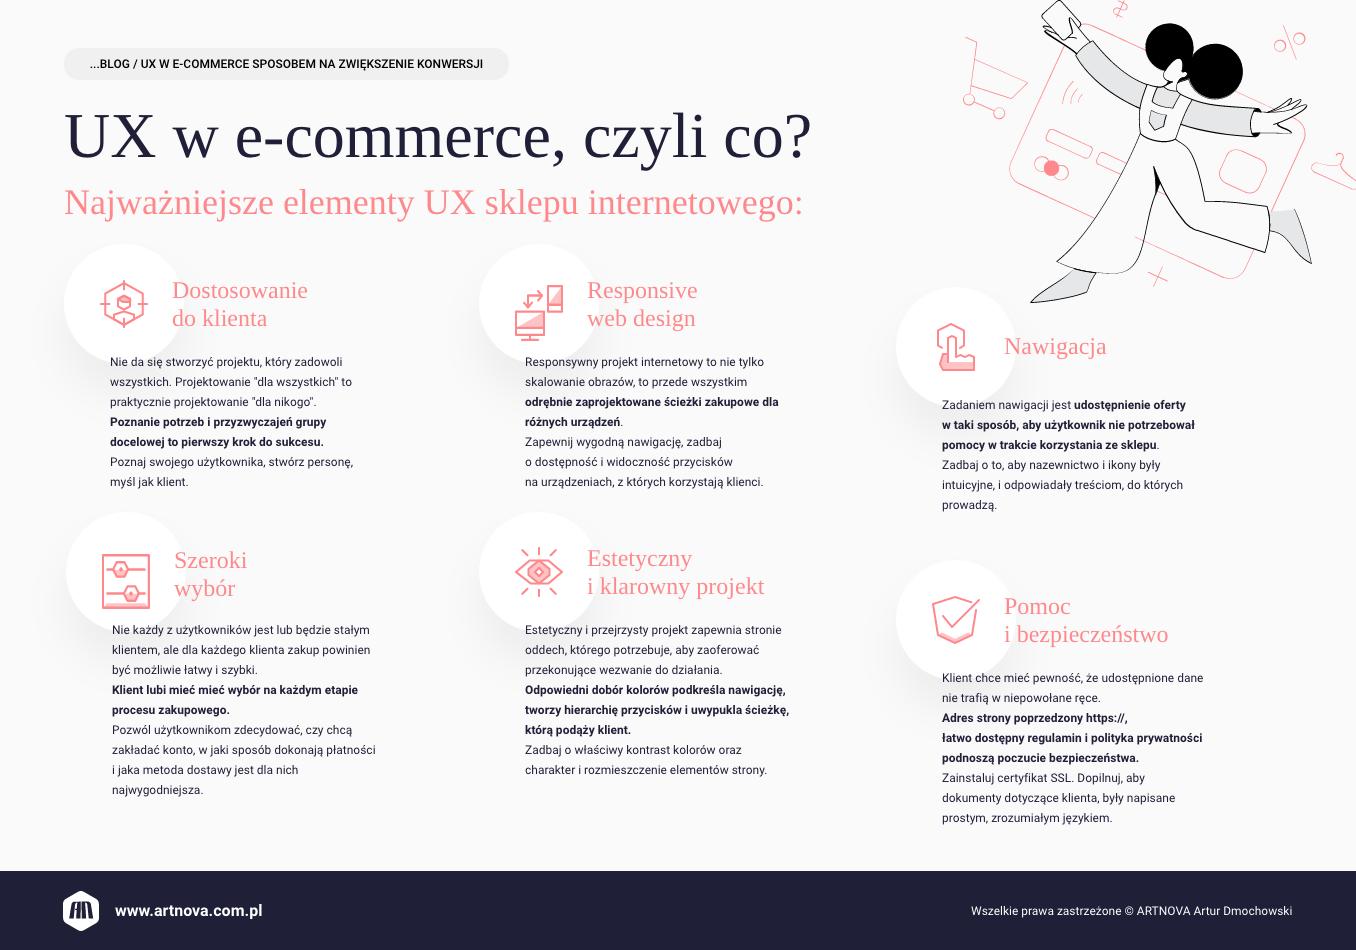 infografika: ux w e-commerce sposobem na zwiększenie konwersji